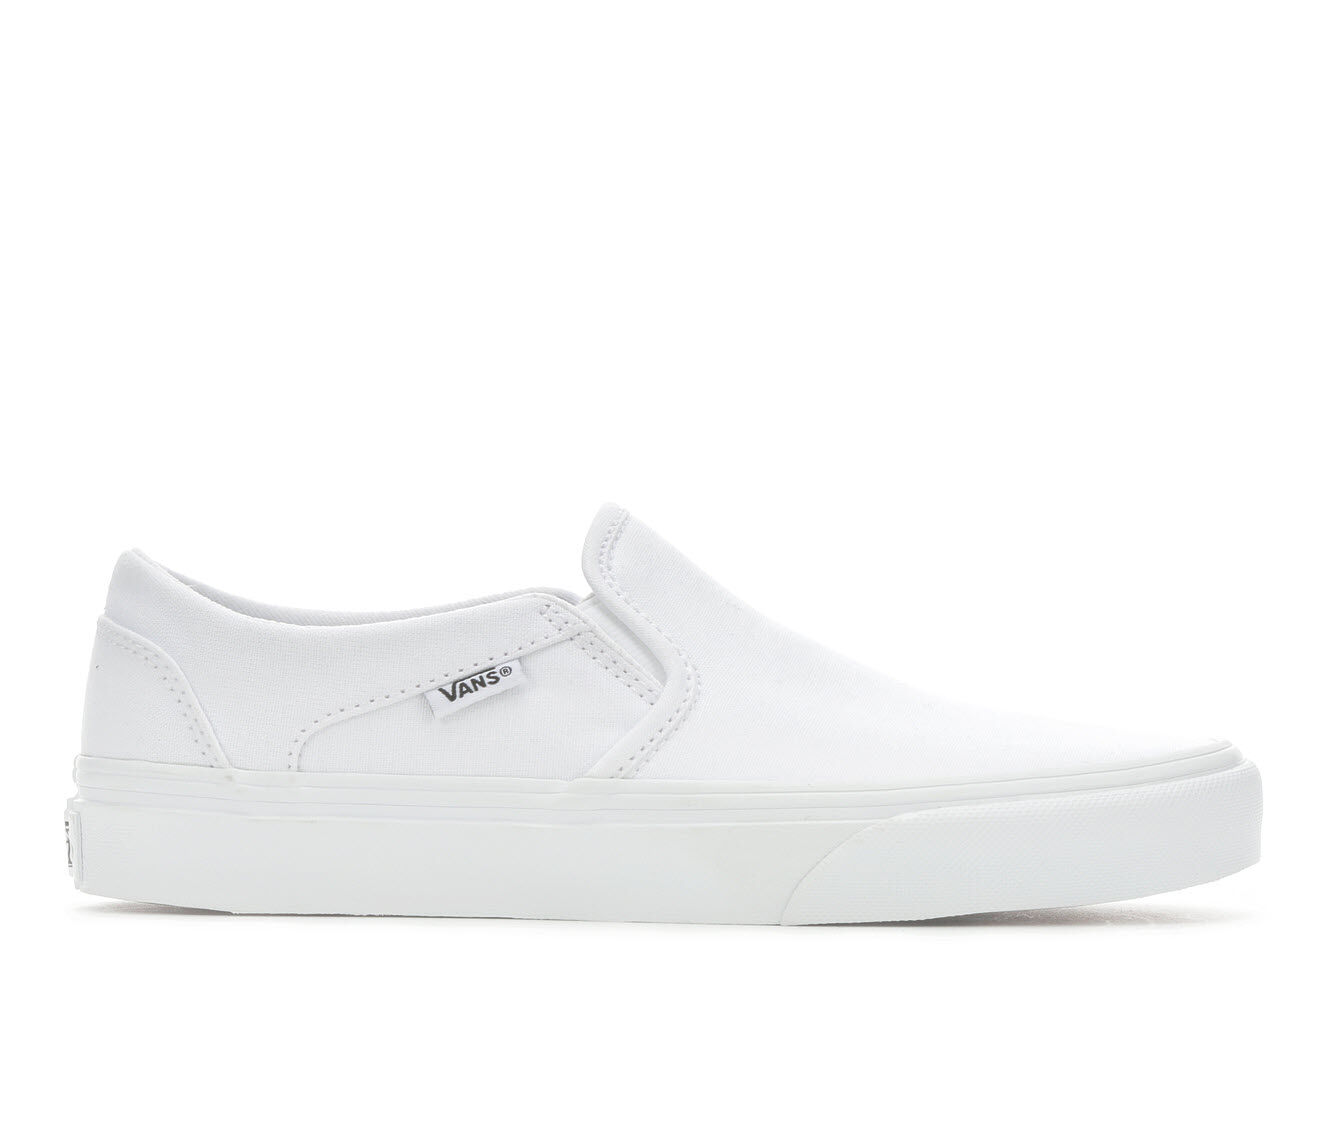 Women's Vans Asher Slip On Skate Shoes